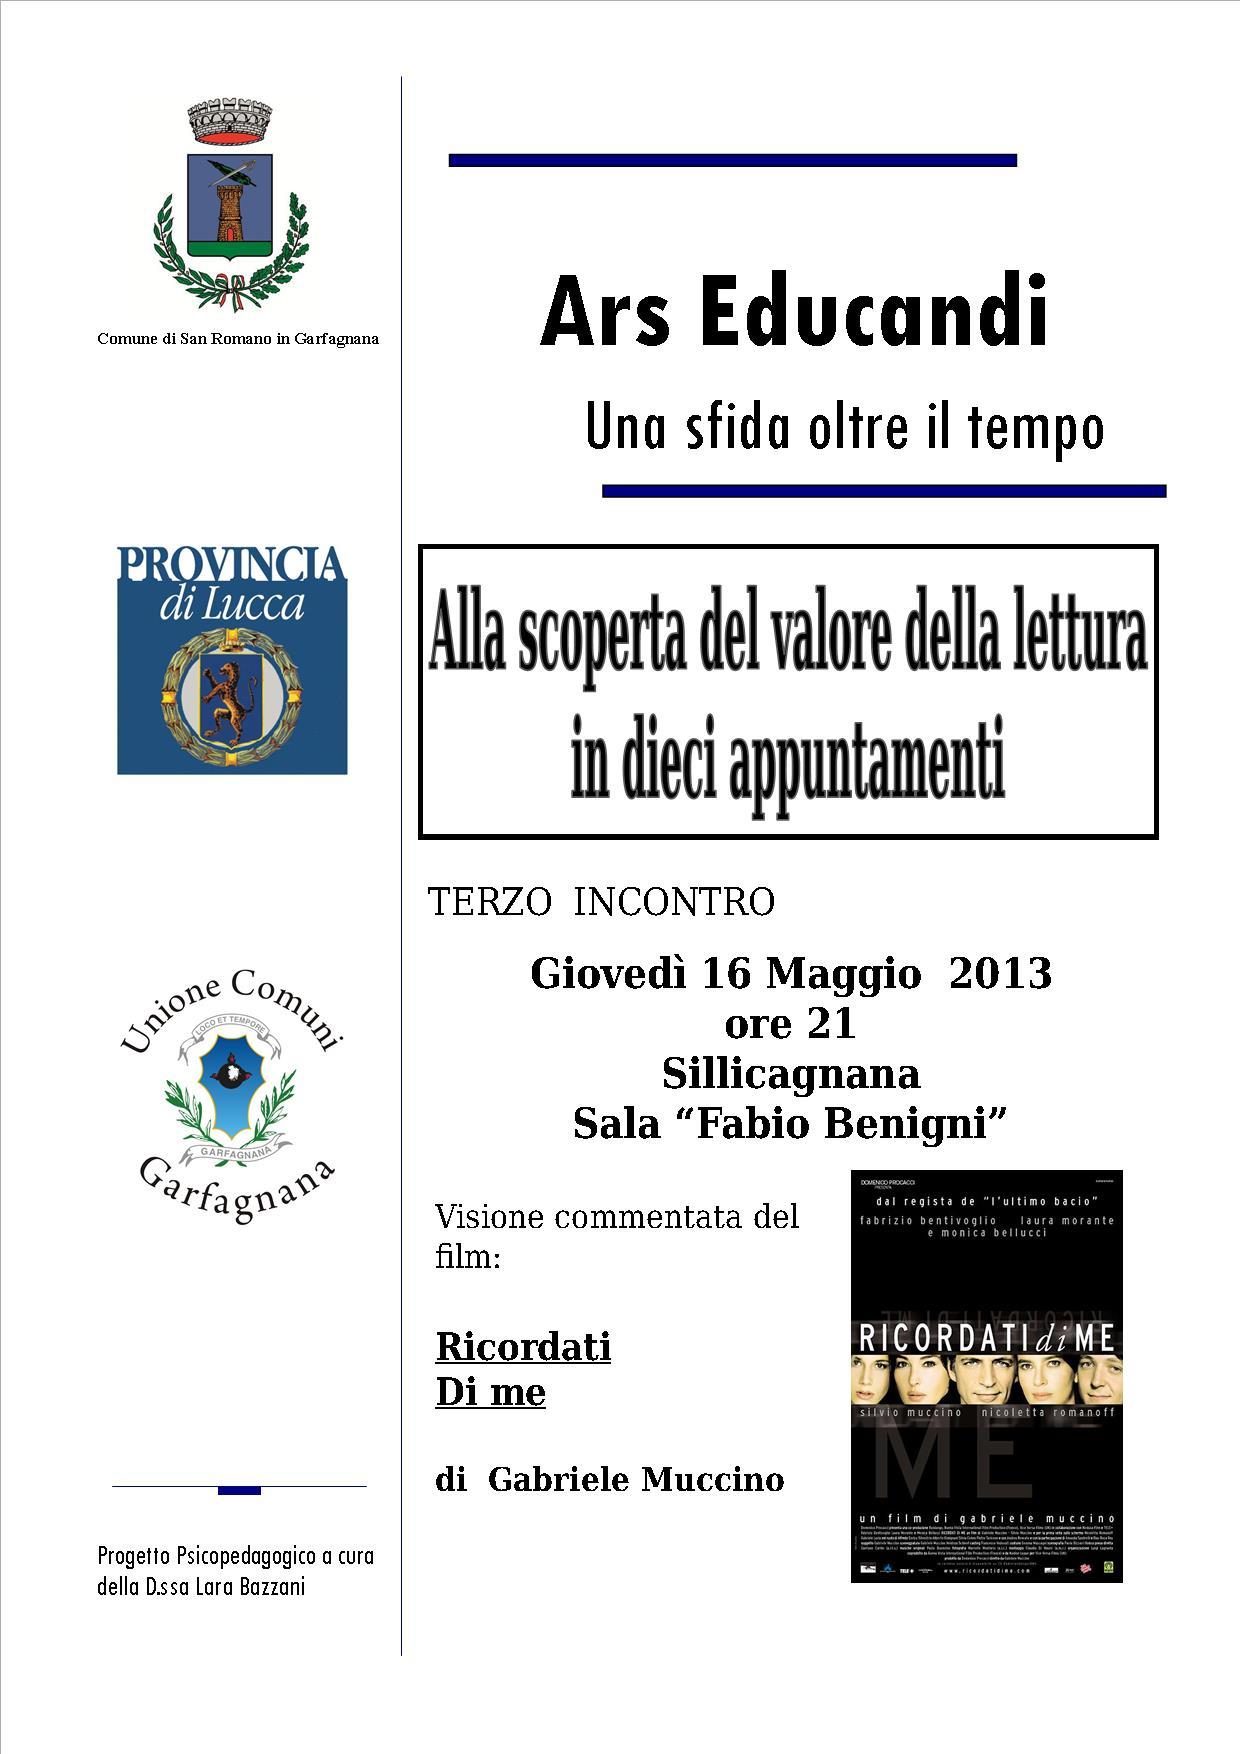 Volantino_progetto_lettura_muccino_.jpg